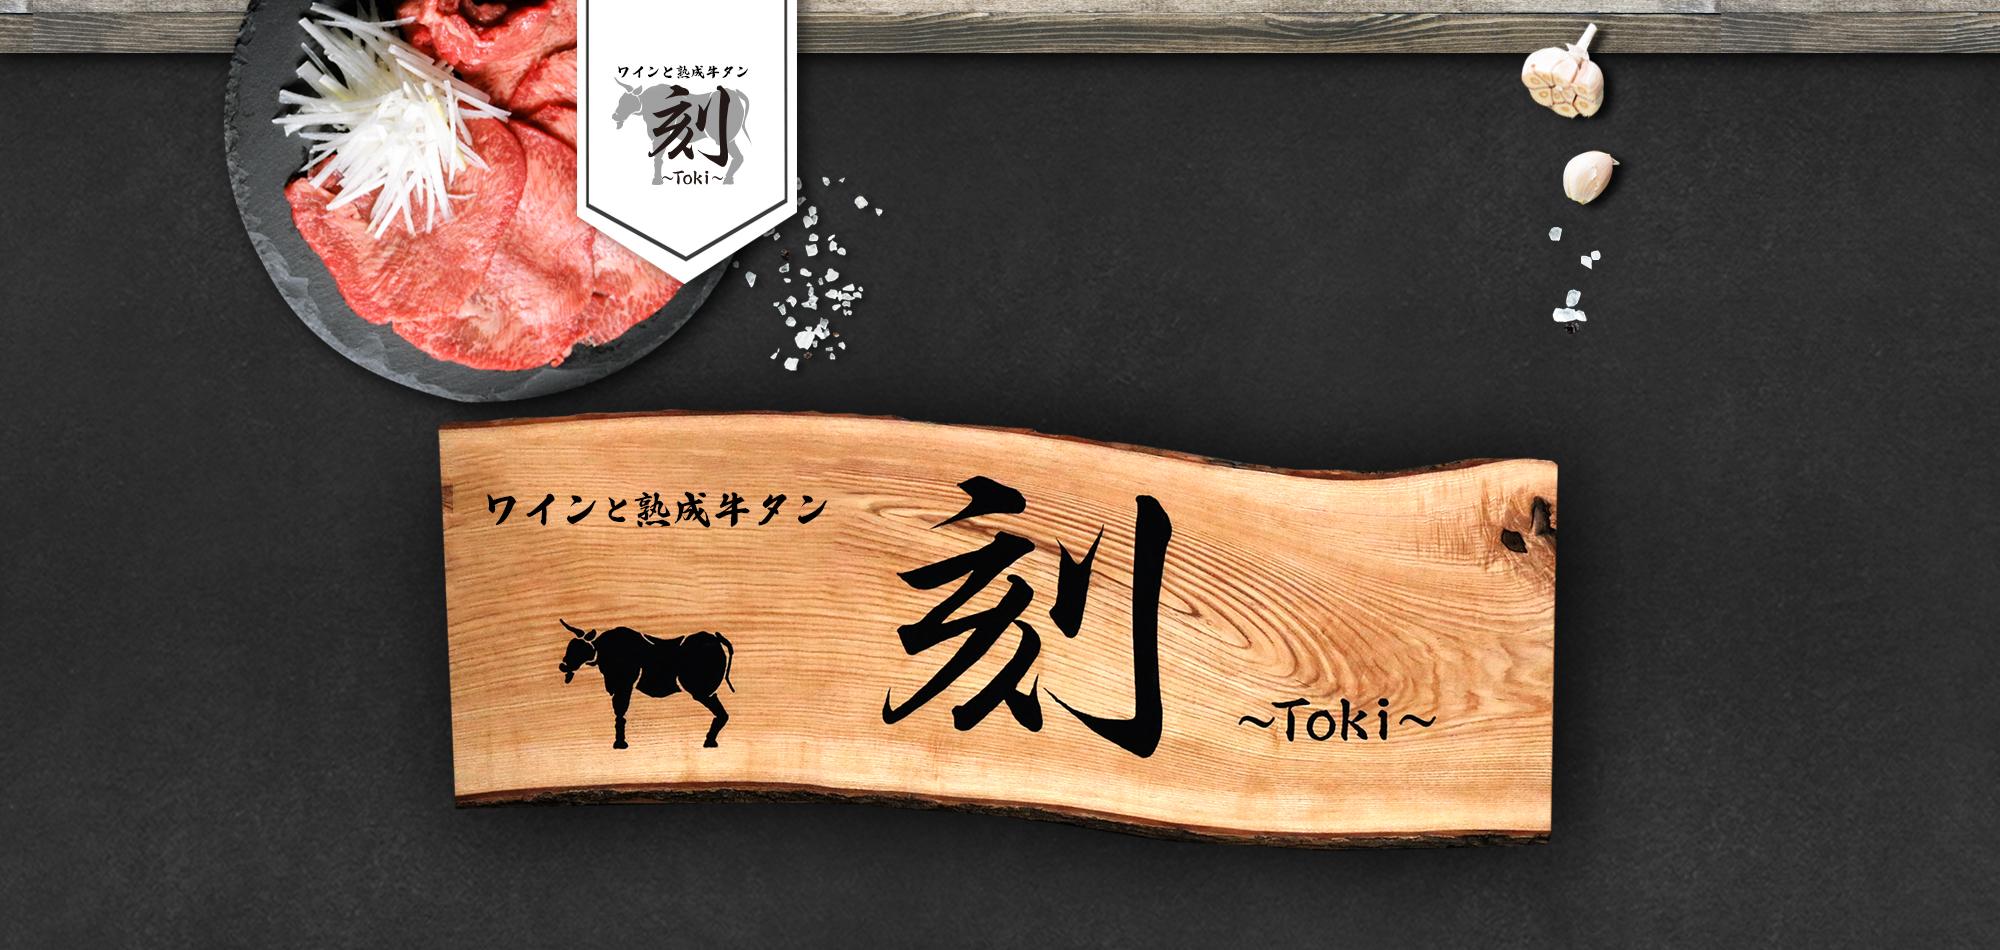 ワインと熟成牛タン 刻 ~Toki~